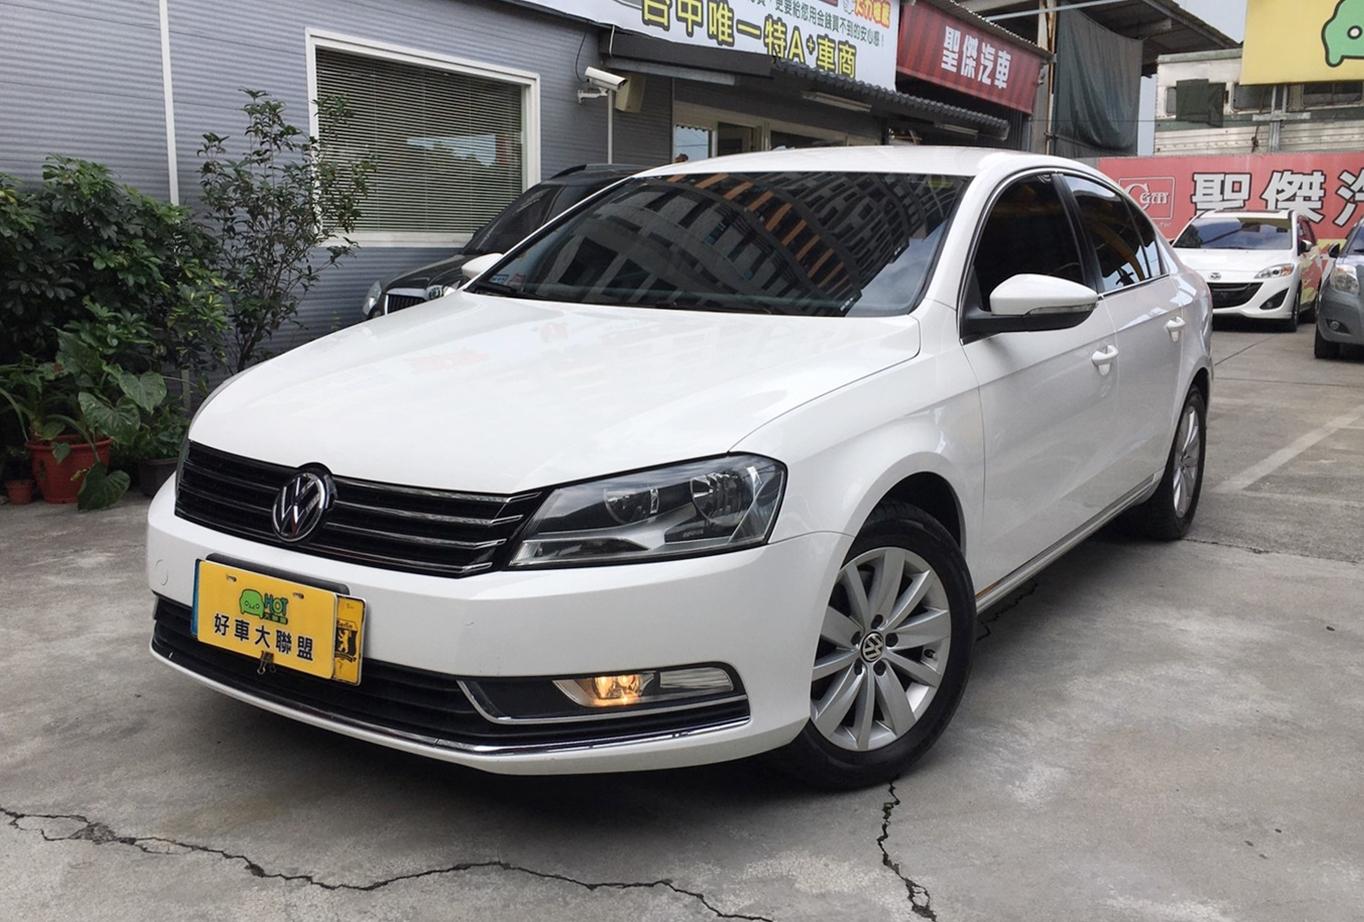 2012 Volkswagen 福斯 Passat